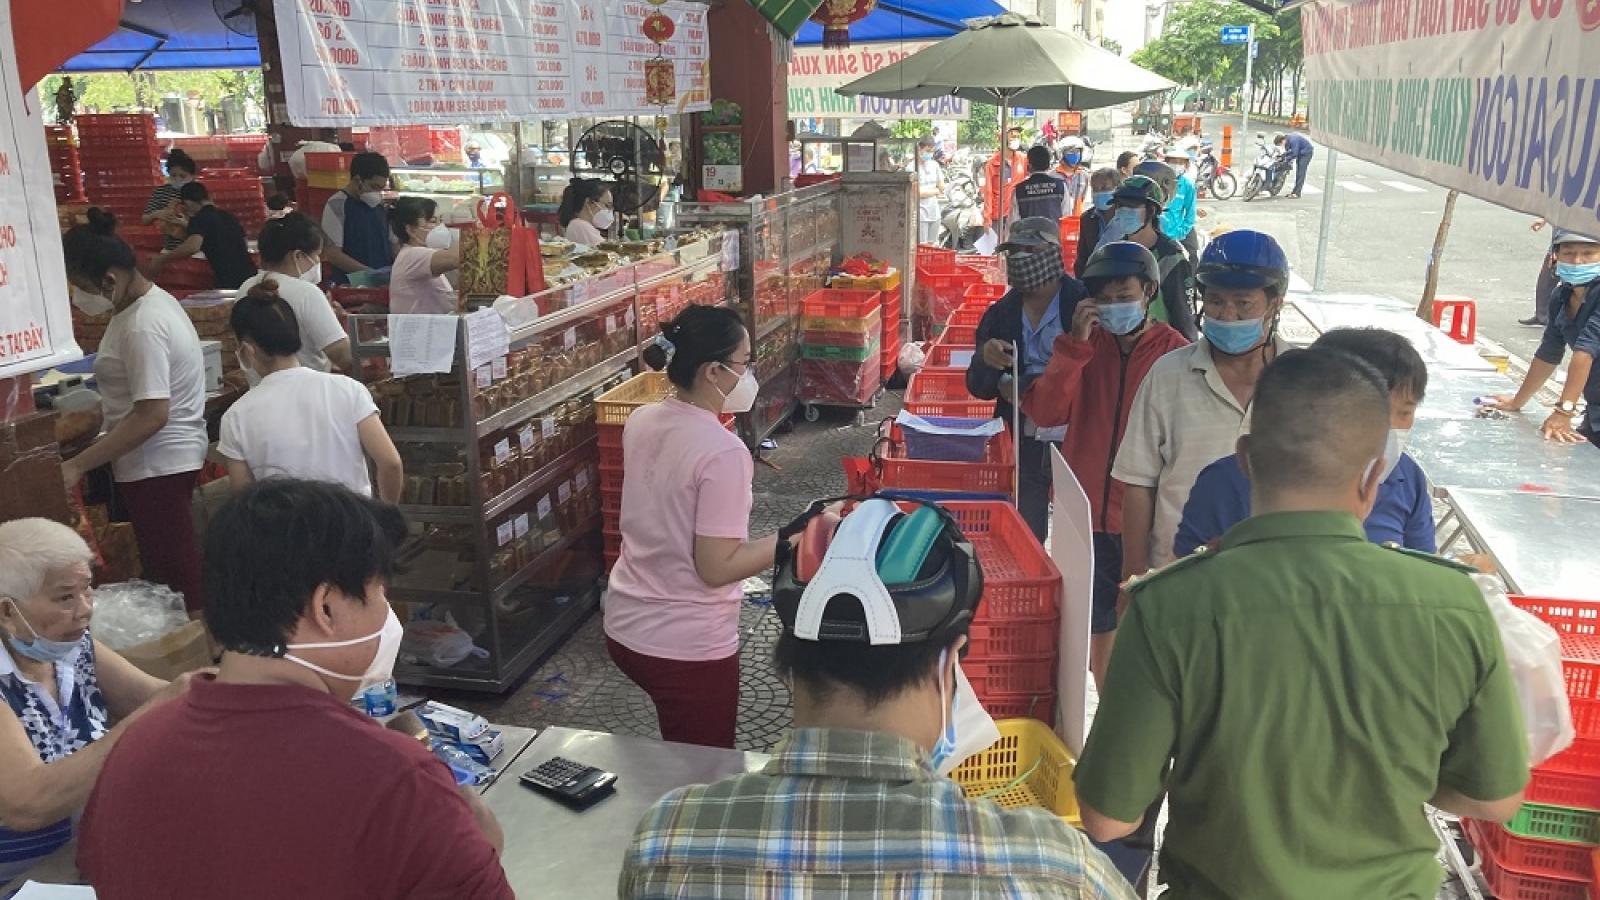 Xếp hàng dài mua bánh trung thu truyền thống ở TP.HCM